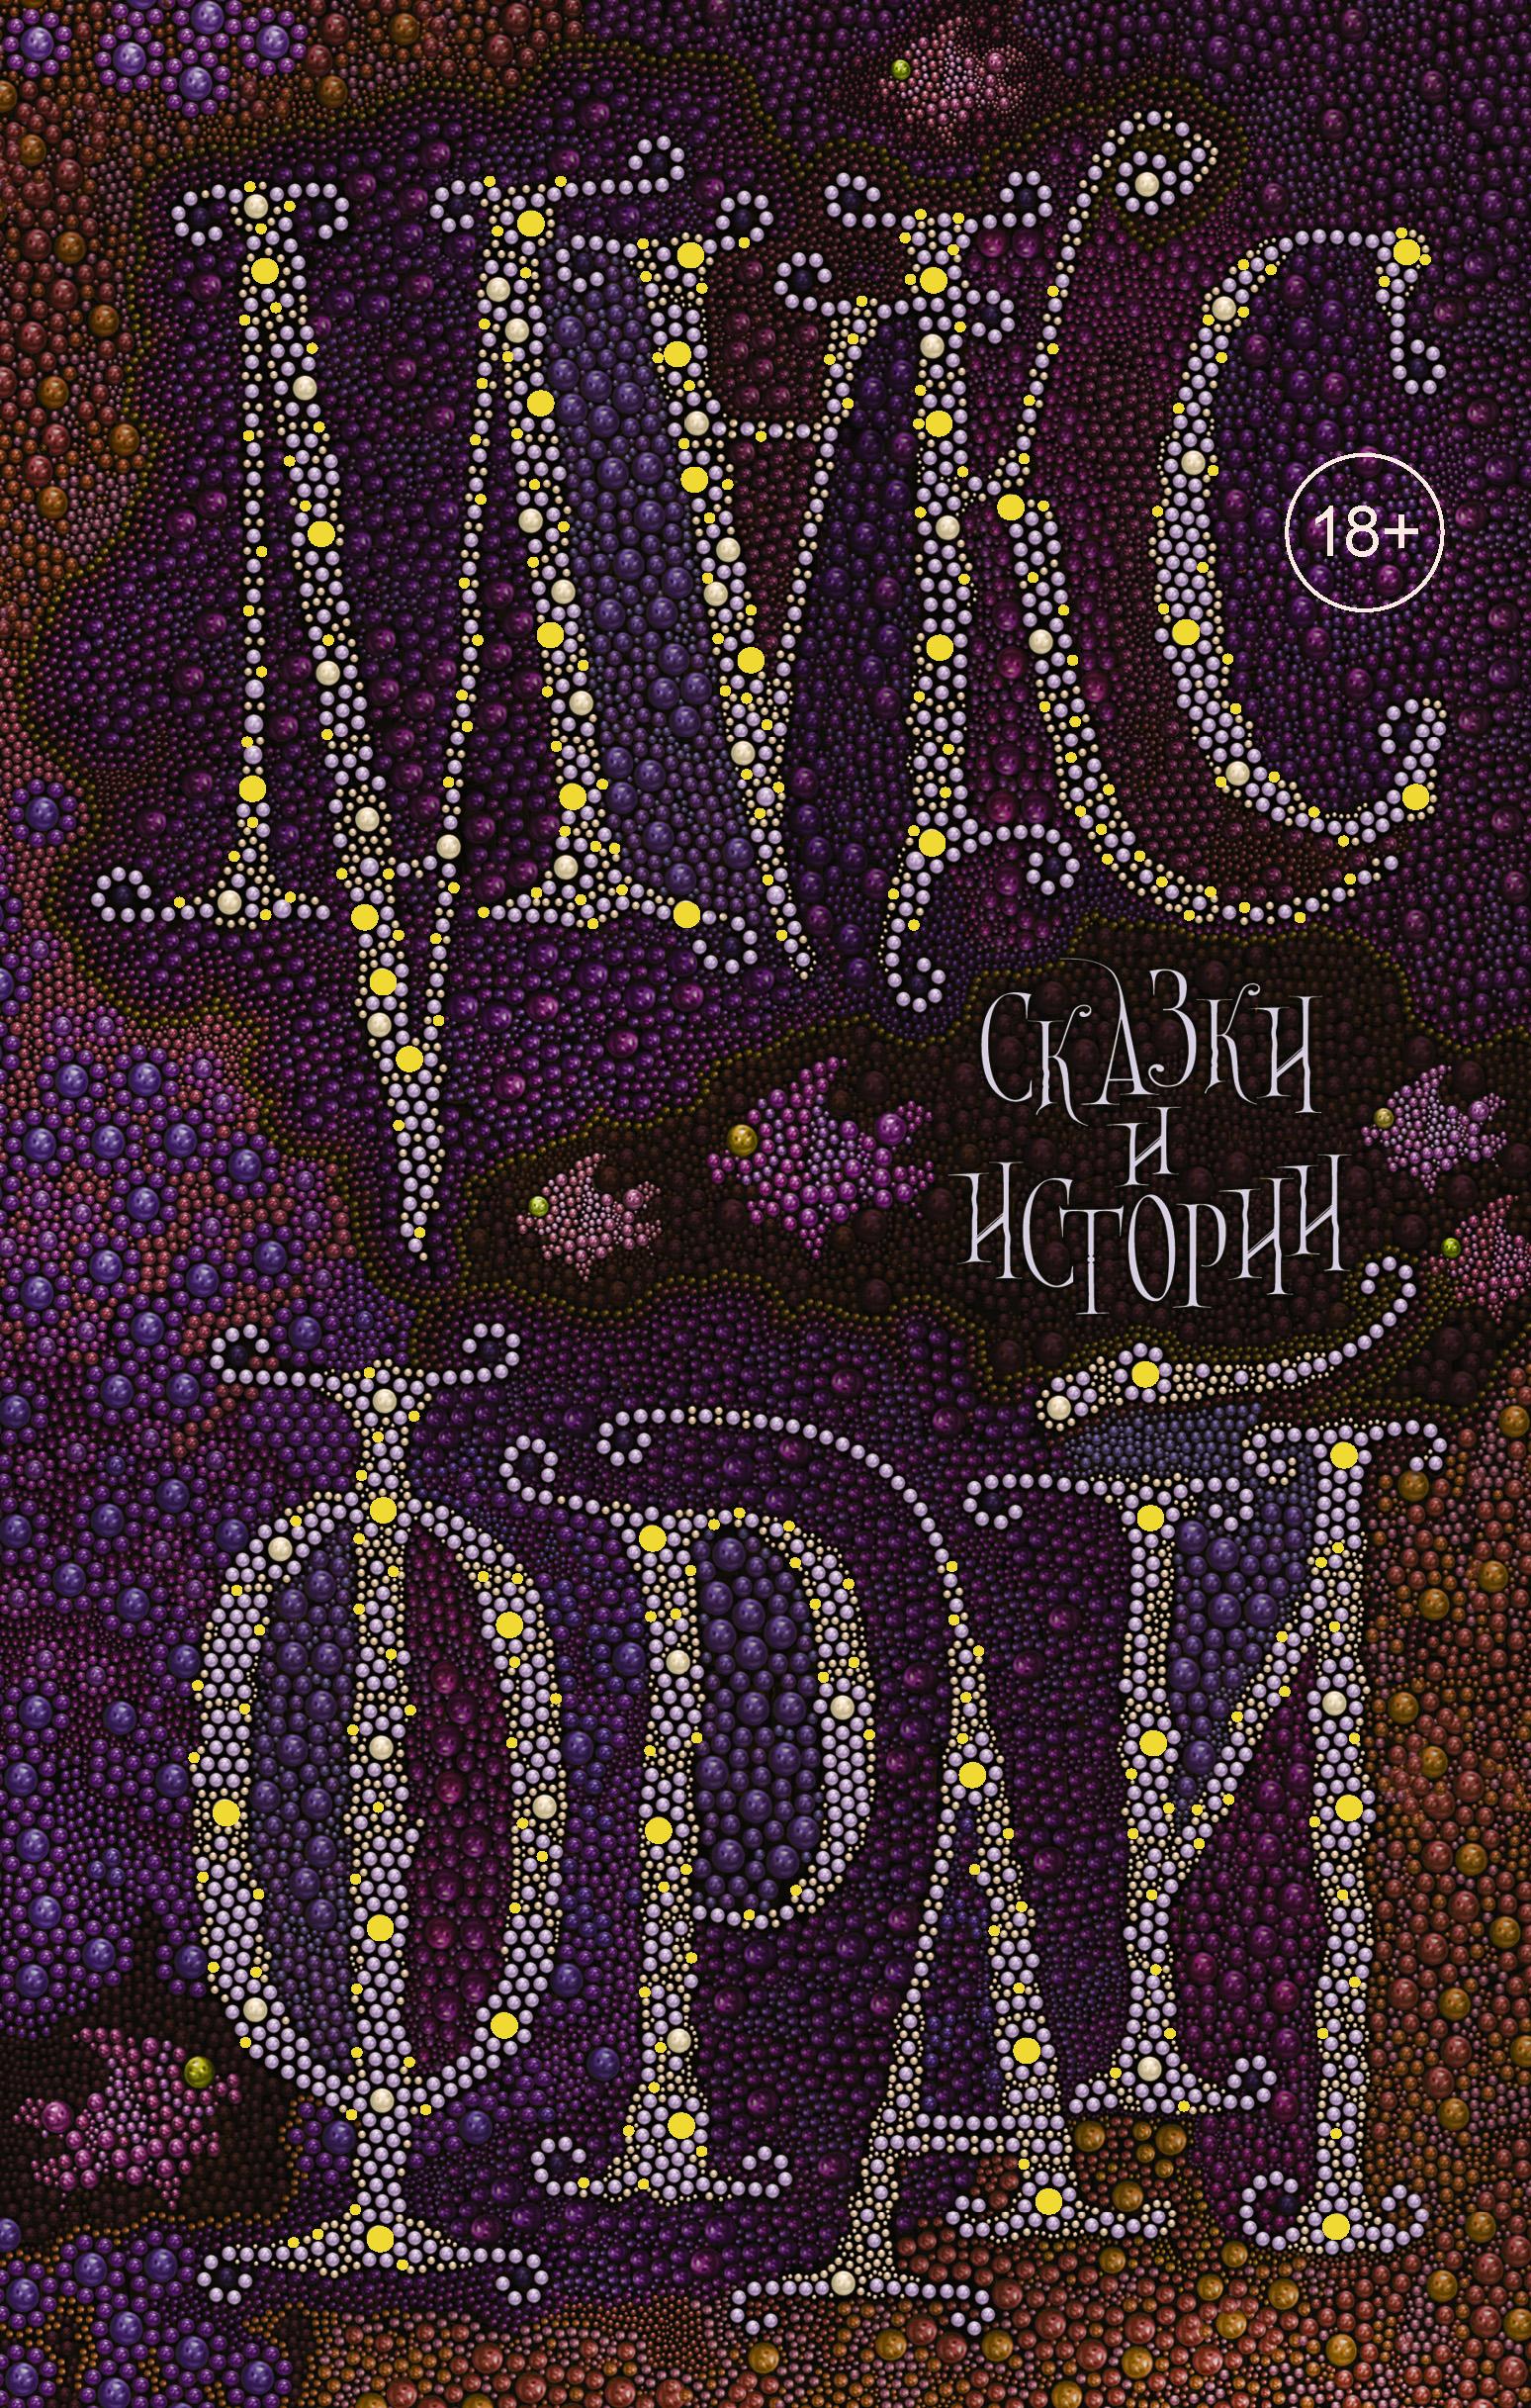 обложка электронной книги Сказки и истории